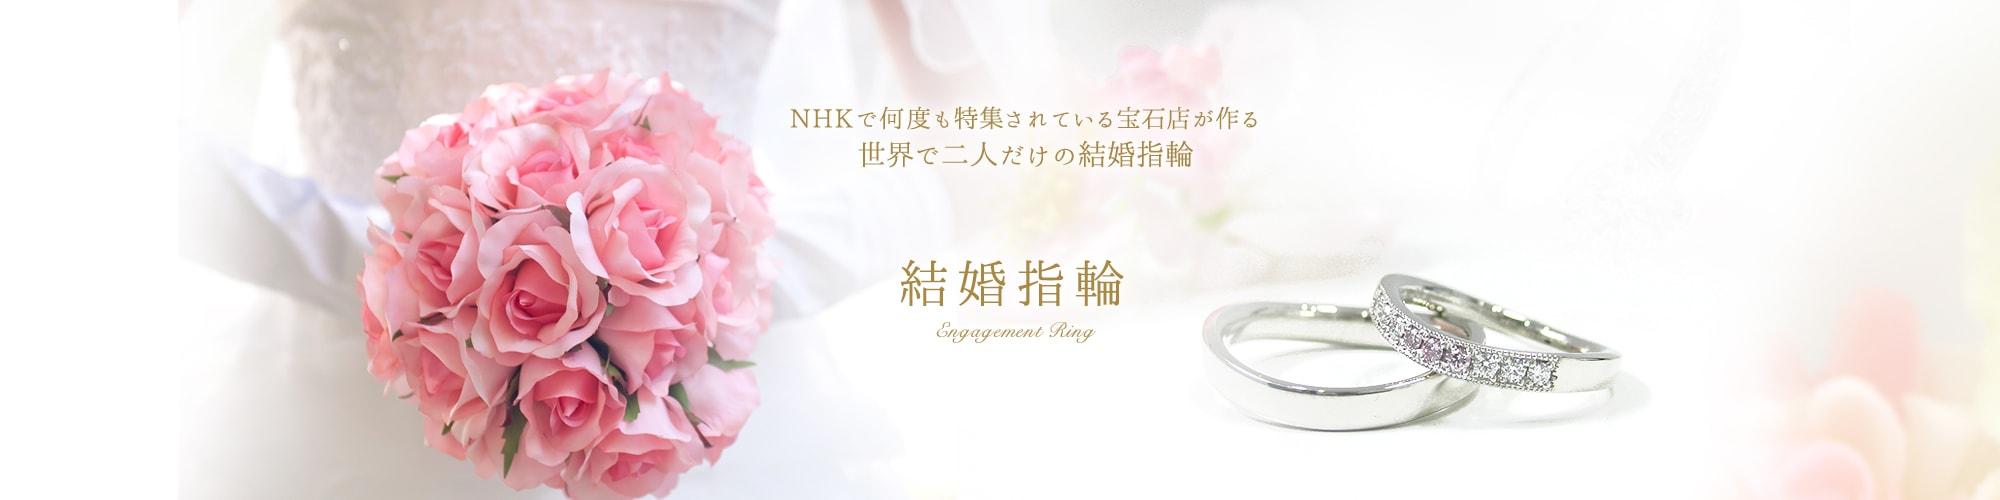 NHKで何度も特集されている宝石点が作る世界で二人だけの結婚指輪